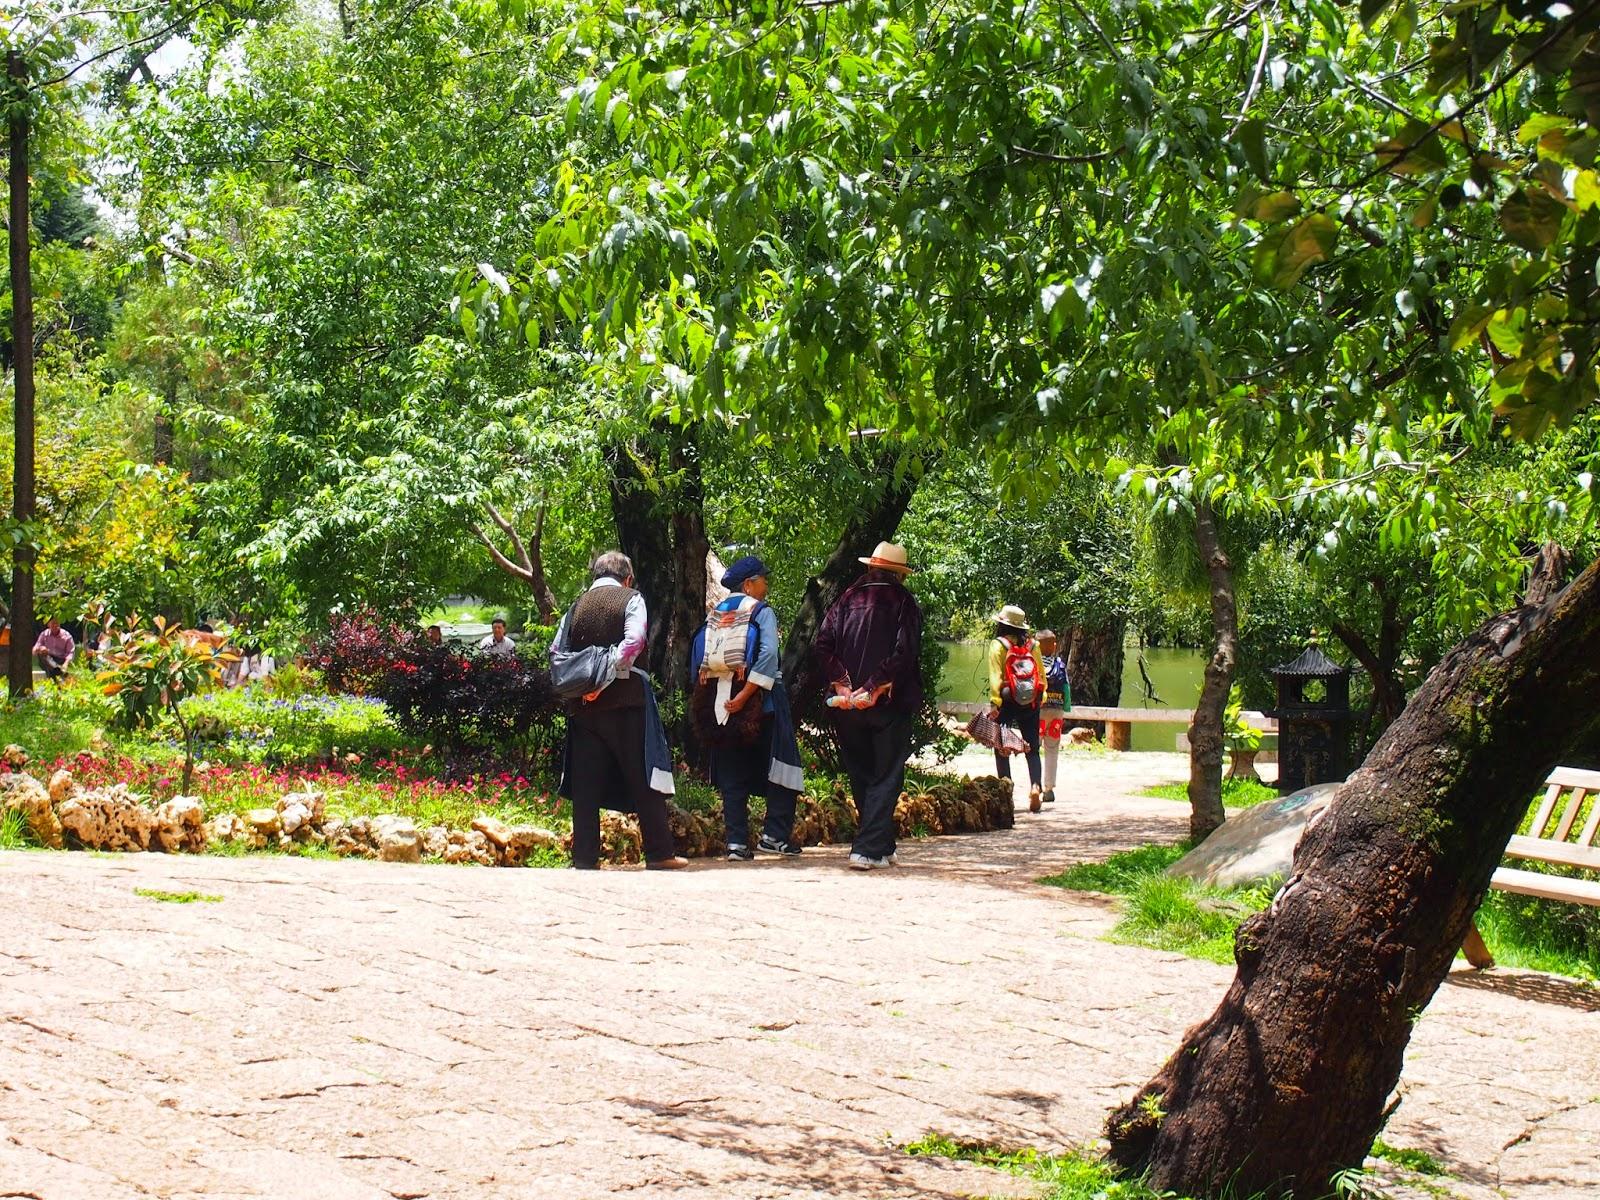 Naxi women and men walking in Heilongtan park